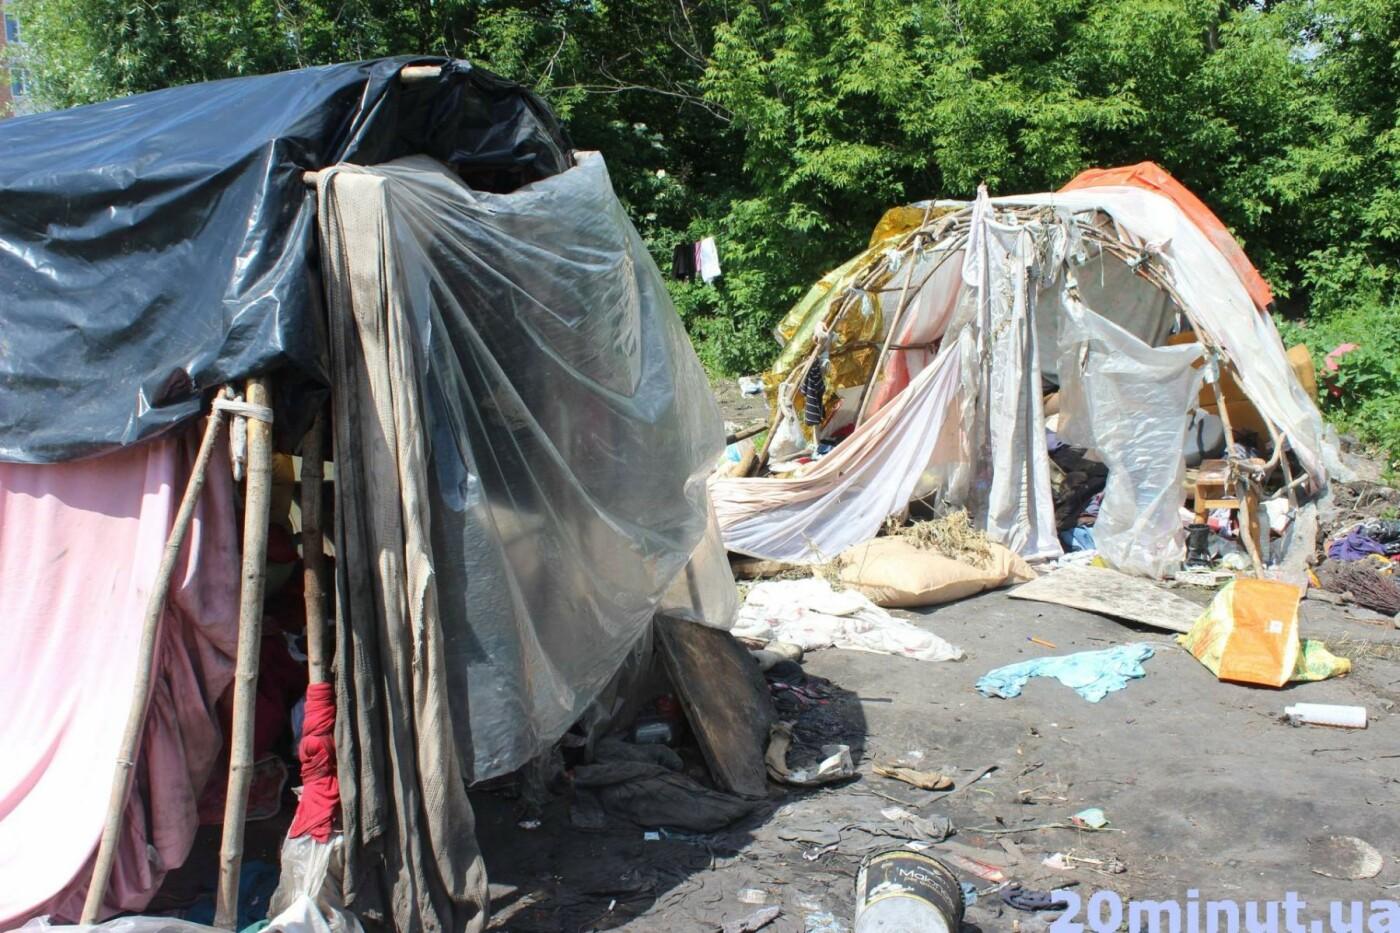 Роми з двох таборів, які жили в лісі неподалік Тернополя, поїхали у невідомому напрямку (ФОТО), фото-8